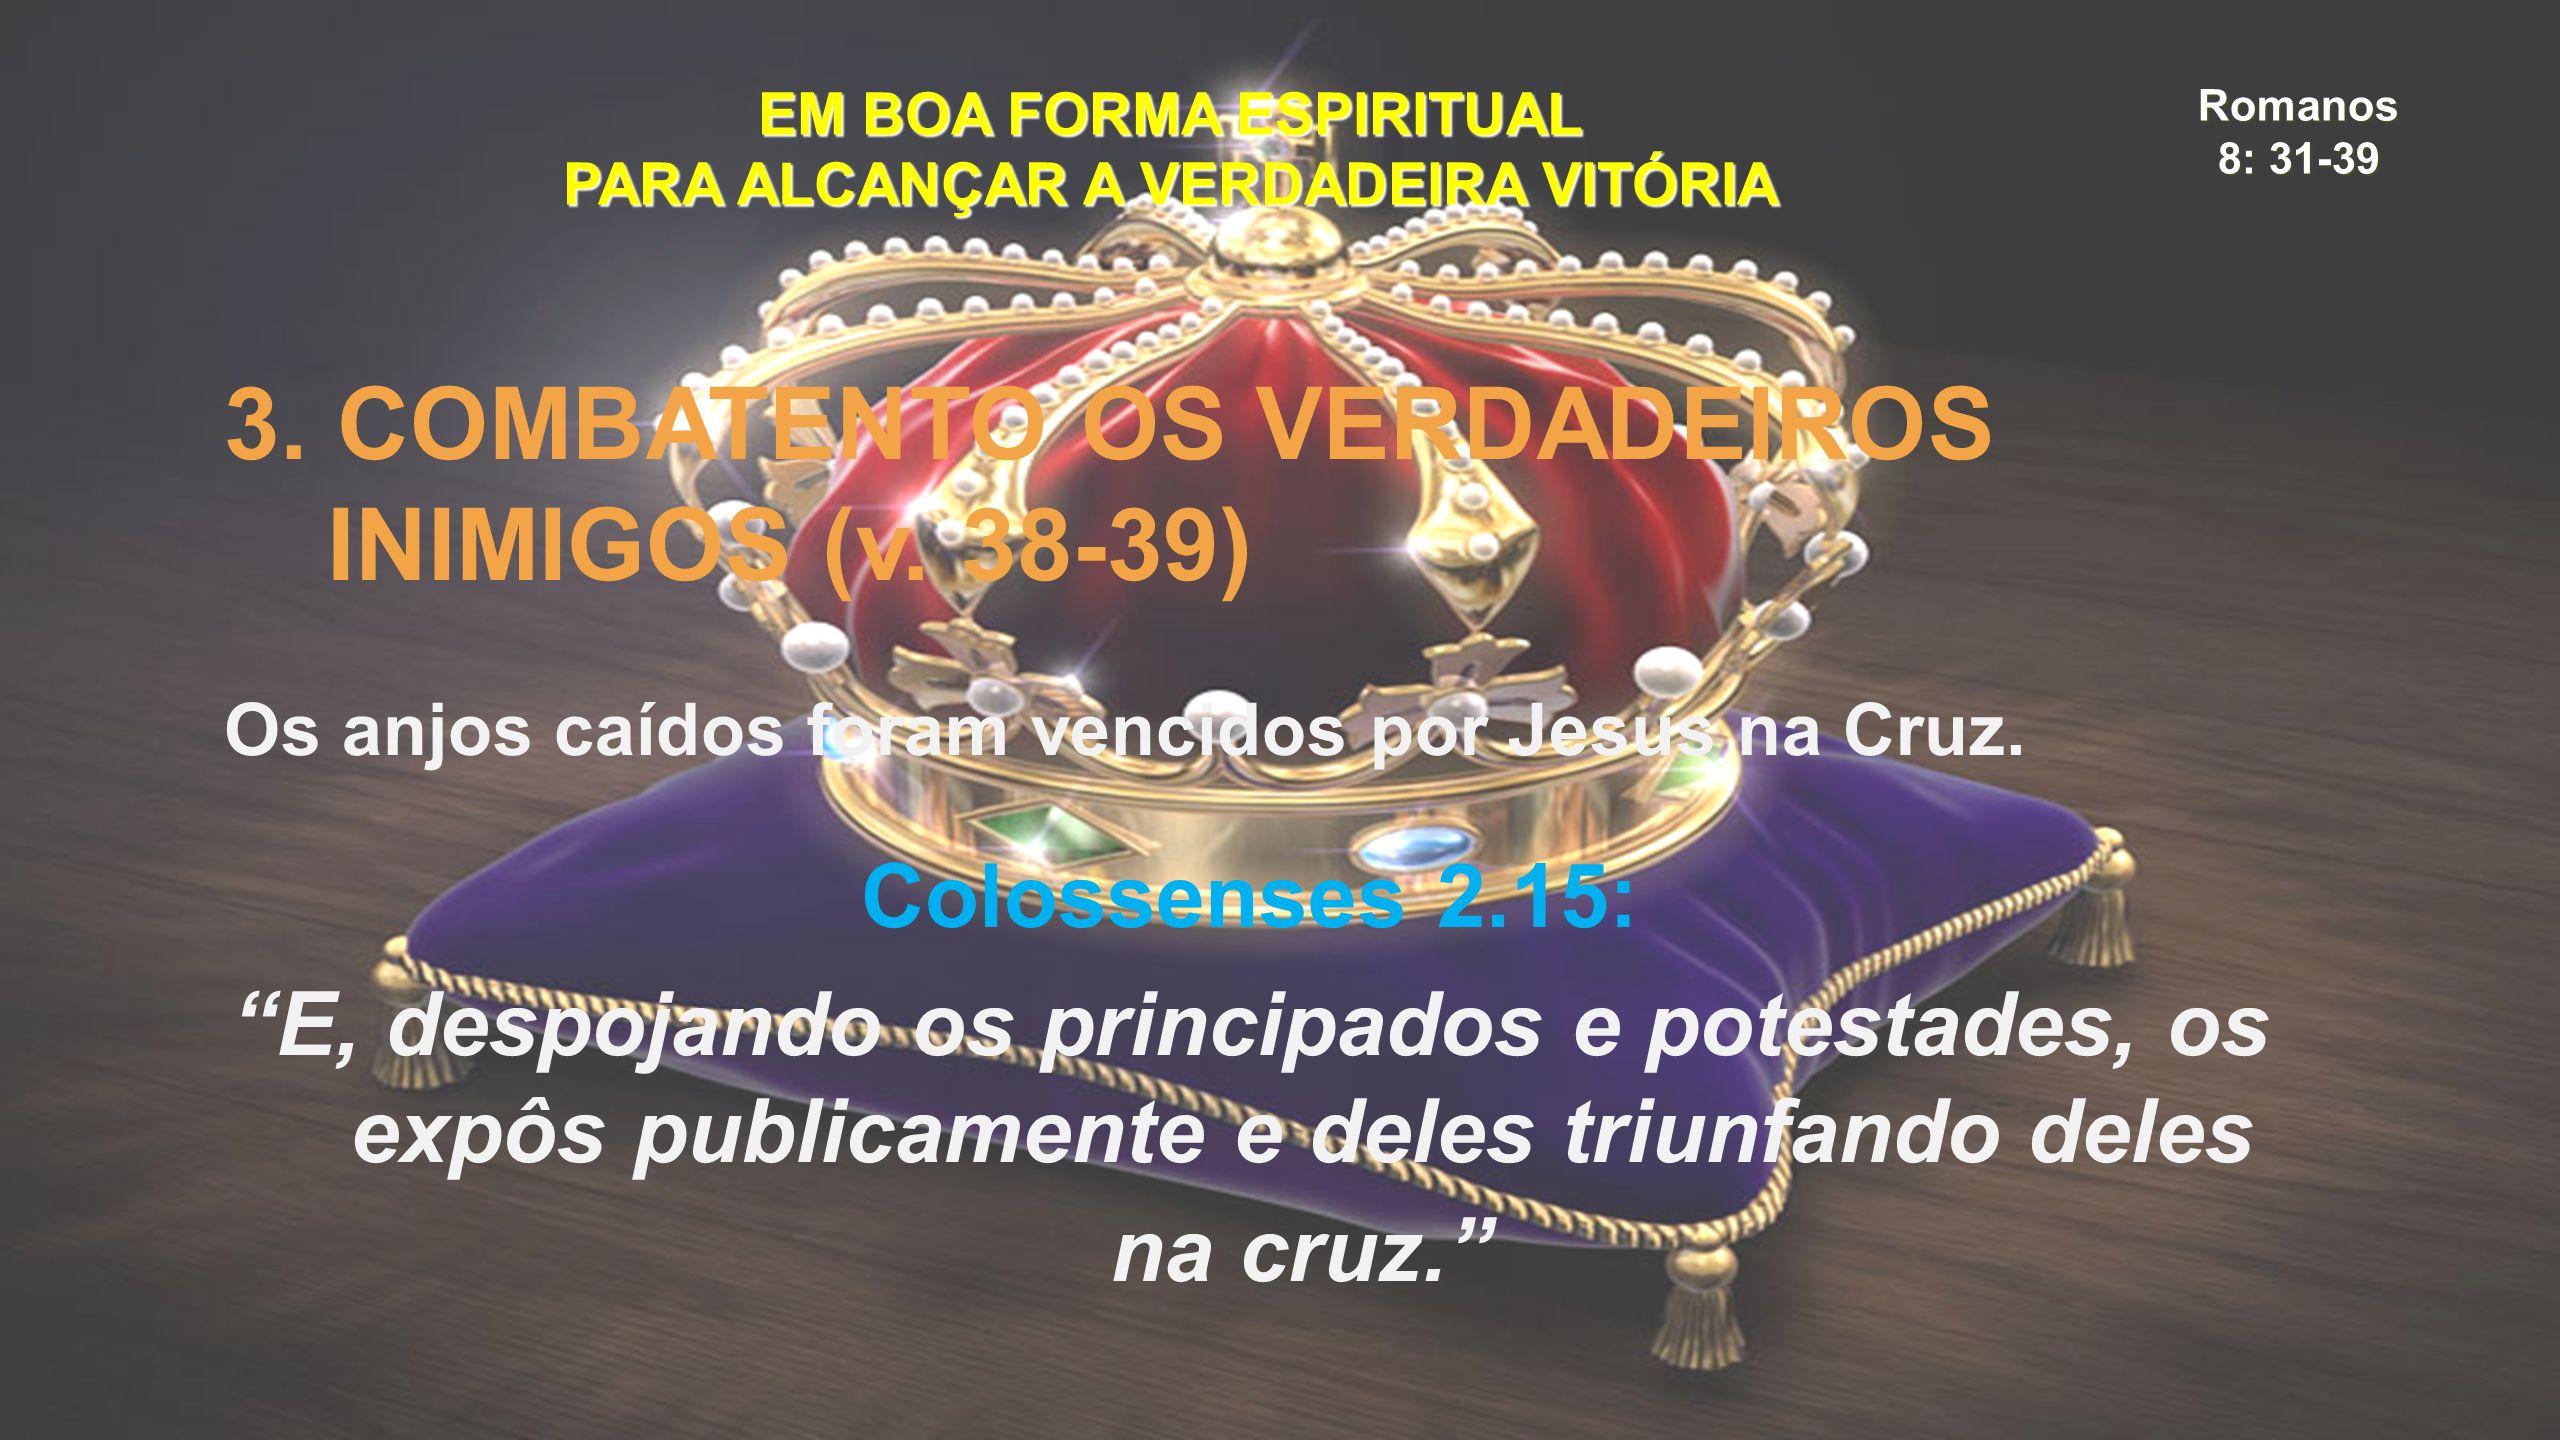 Romanos 8: 31-39 EM BOA FORMA ESPIRITUAL PARA ALCANÇAR A VERDADEIRA VITÓRIA 3. COMBATENTO OS VERDADEIROS INIMIGOS (v. 38-39) Os anjos caídos foram ven